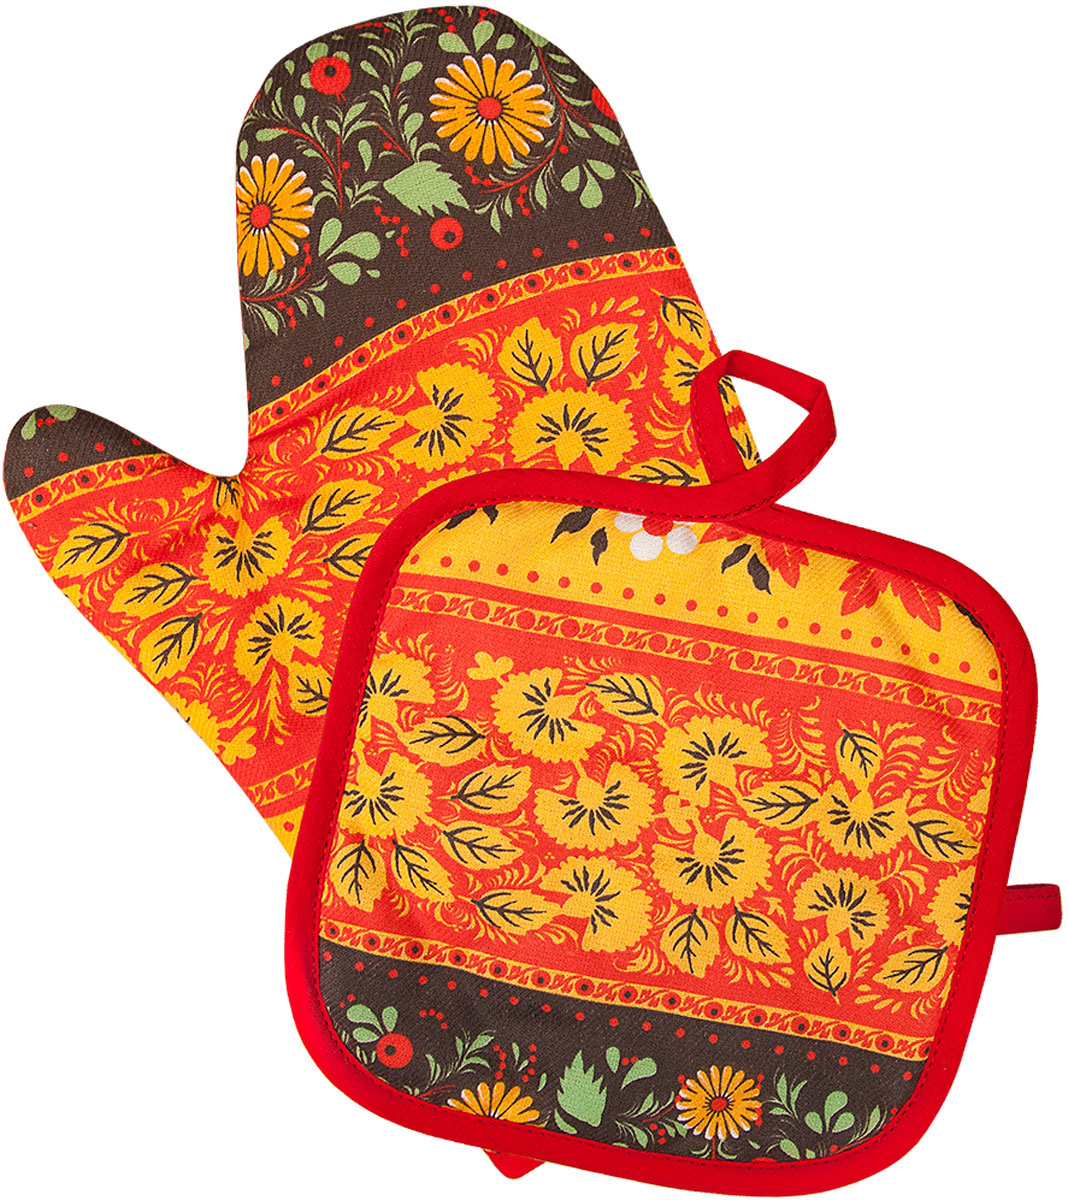 Набор прихваток Bonita Славянка, 2 предмета11010816757Набор Bonita Славянка состоит из прихватки-рукавицы и квадратной прихватки. Изделия выполнены из натурального хлопка и декорированы оригинальным рисунком. Прихватки простеганы, а края окантованы. Оснащены специальными петельками, за которые их можно подвесить на крючок в любом удобном для вас месте. Такой набор красиво дополнит интерьер кухни.